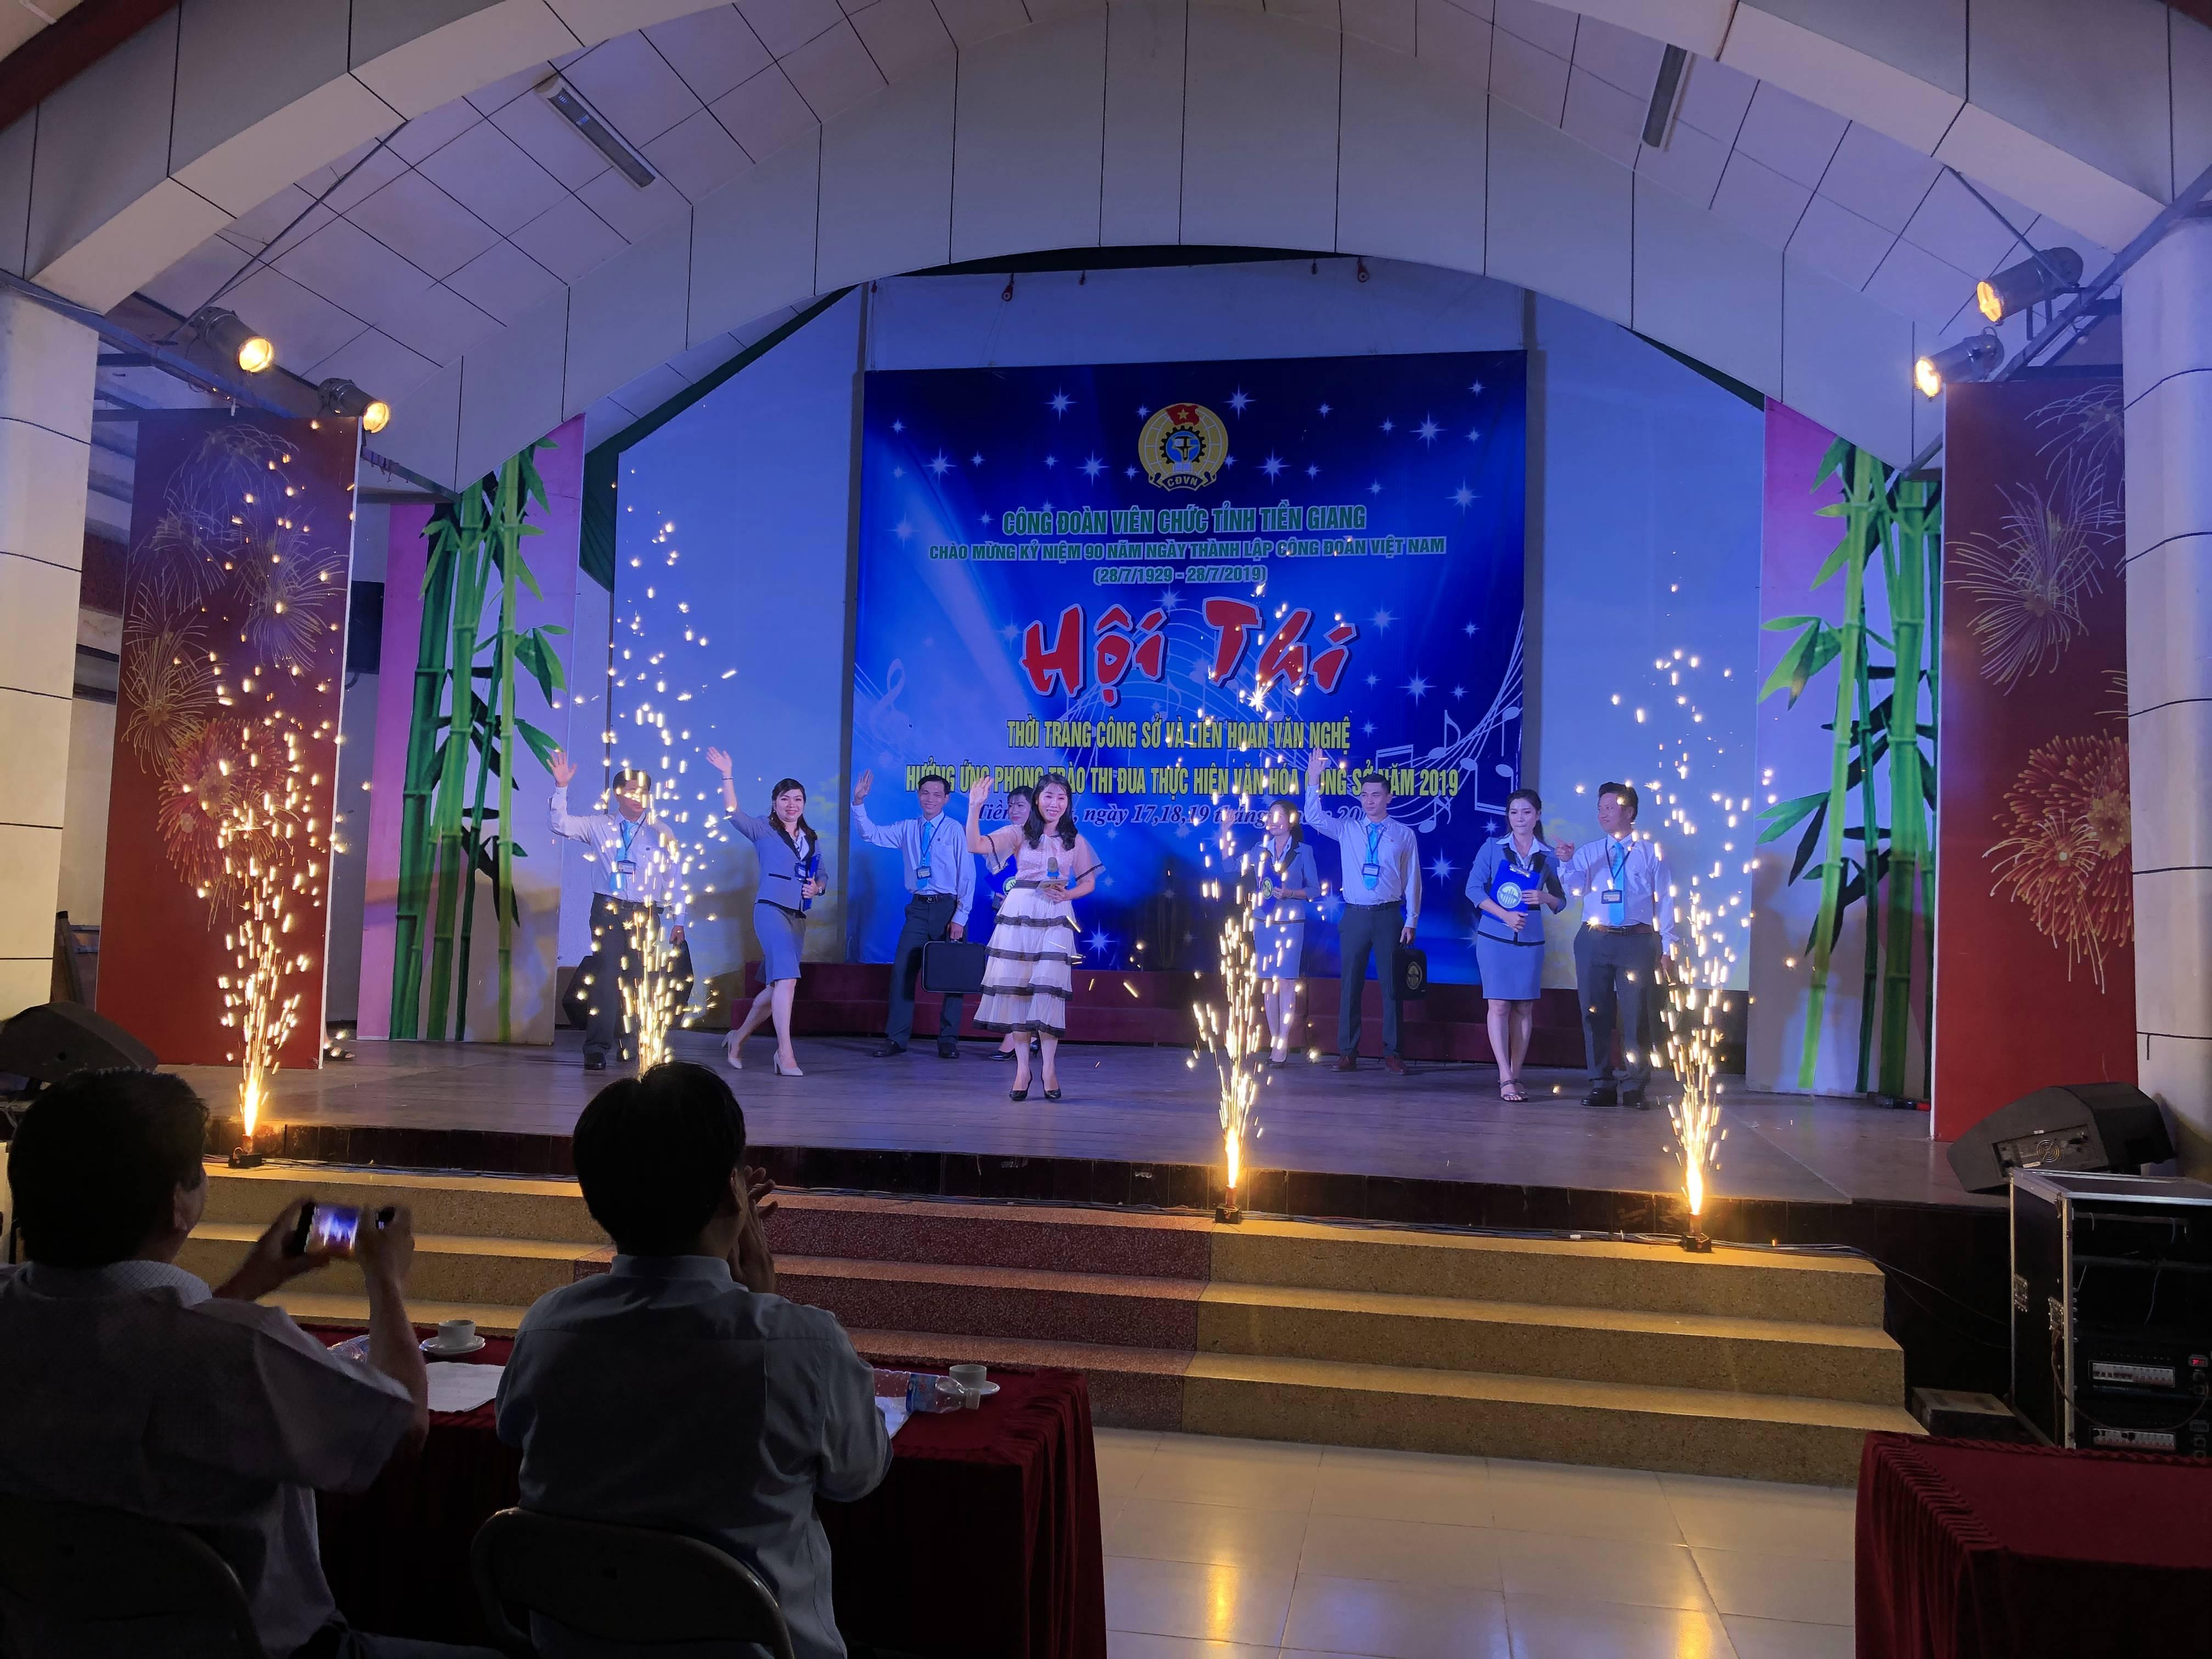 Công đoàn cơ cở Cục Thống kê Tiền Giang tham gia  Hội Thi Thời Trang Công Sở và Liên Hoan Văn Nghệ năm 2019